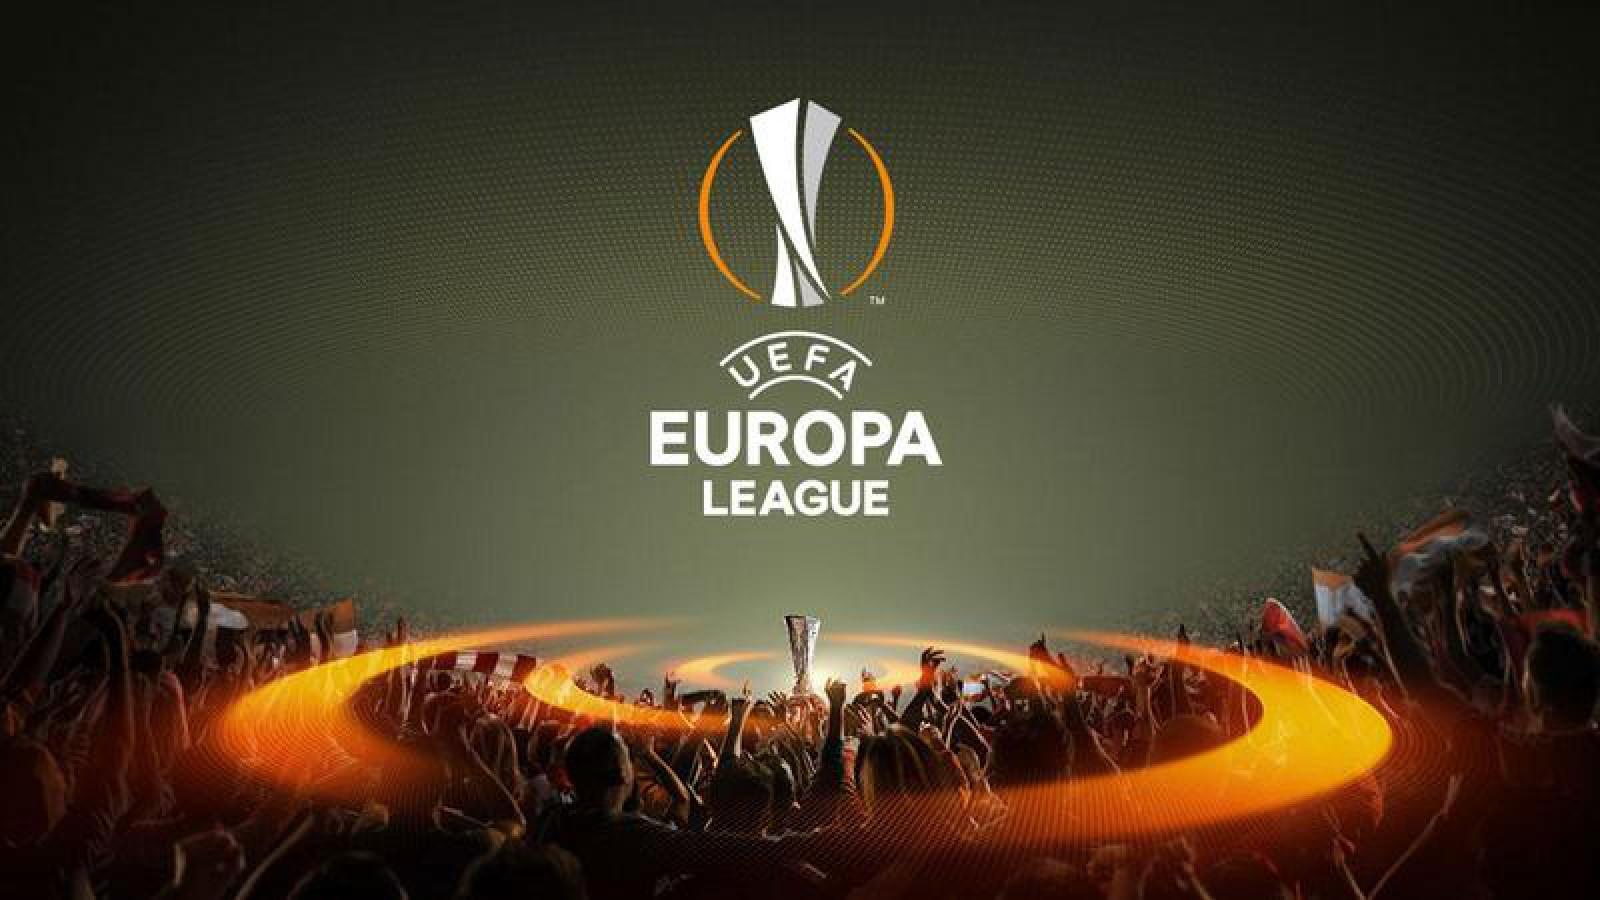 Echipele din Republica Moldova și-au aflat adversarele din primul tur preliminar al Ligii Europa